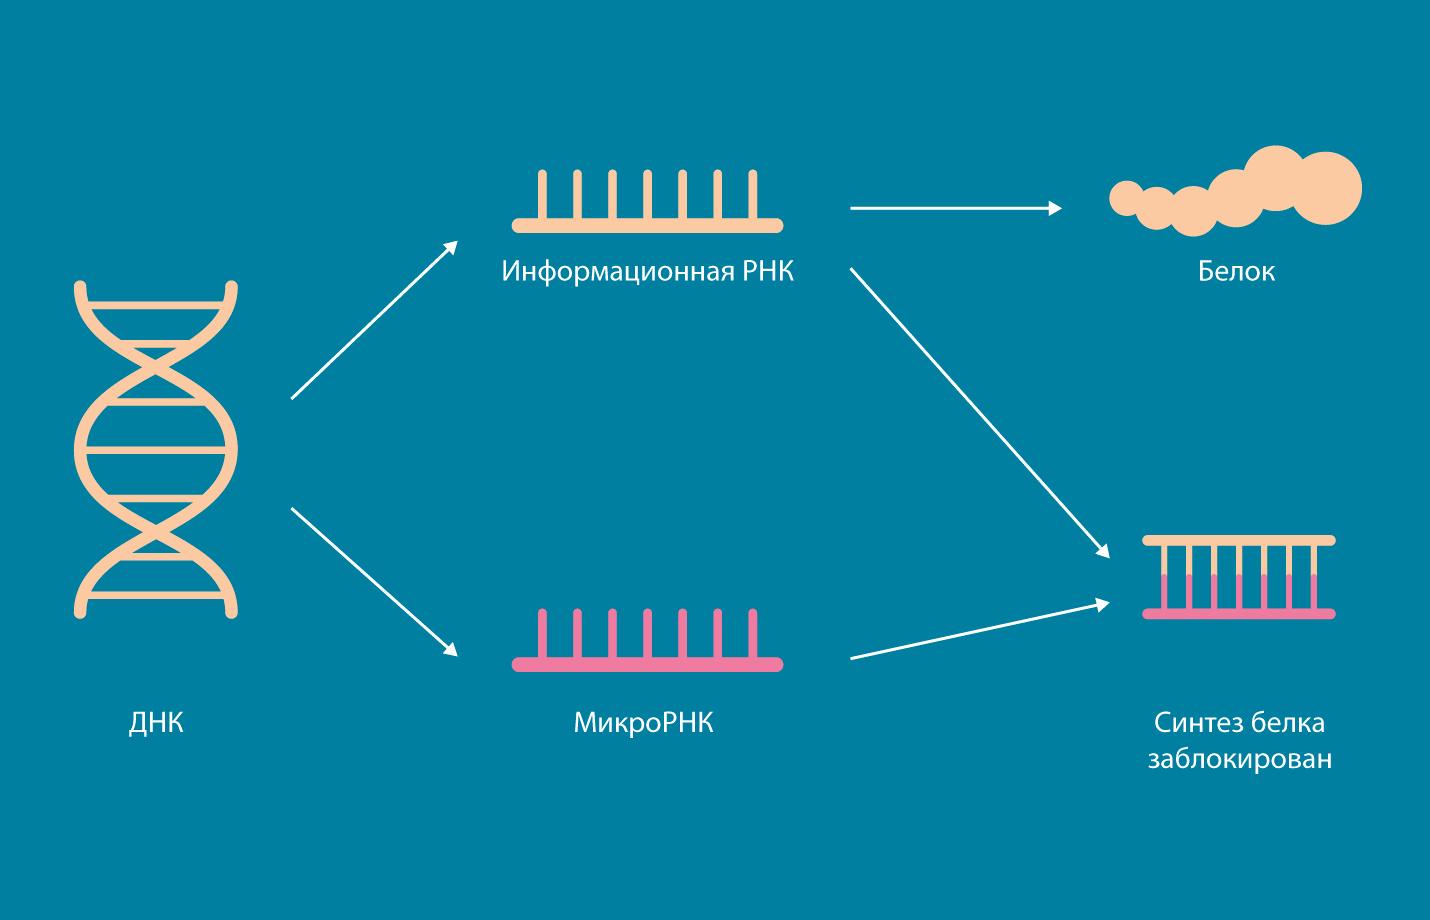 """Работа микроРНК. Если микроРНК """"садится"""" на информационную РНК, то синтез белка с иРНК блокируется. Источник: МФТИ"""